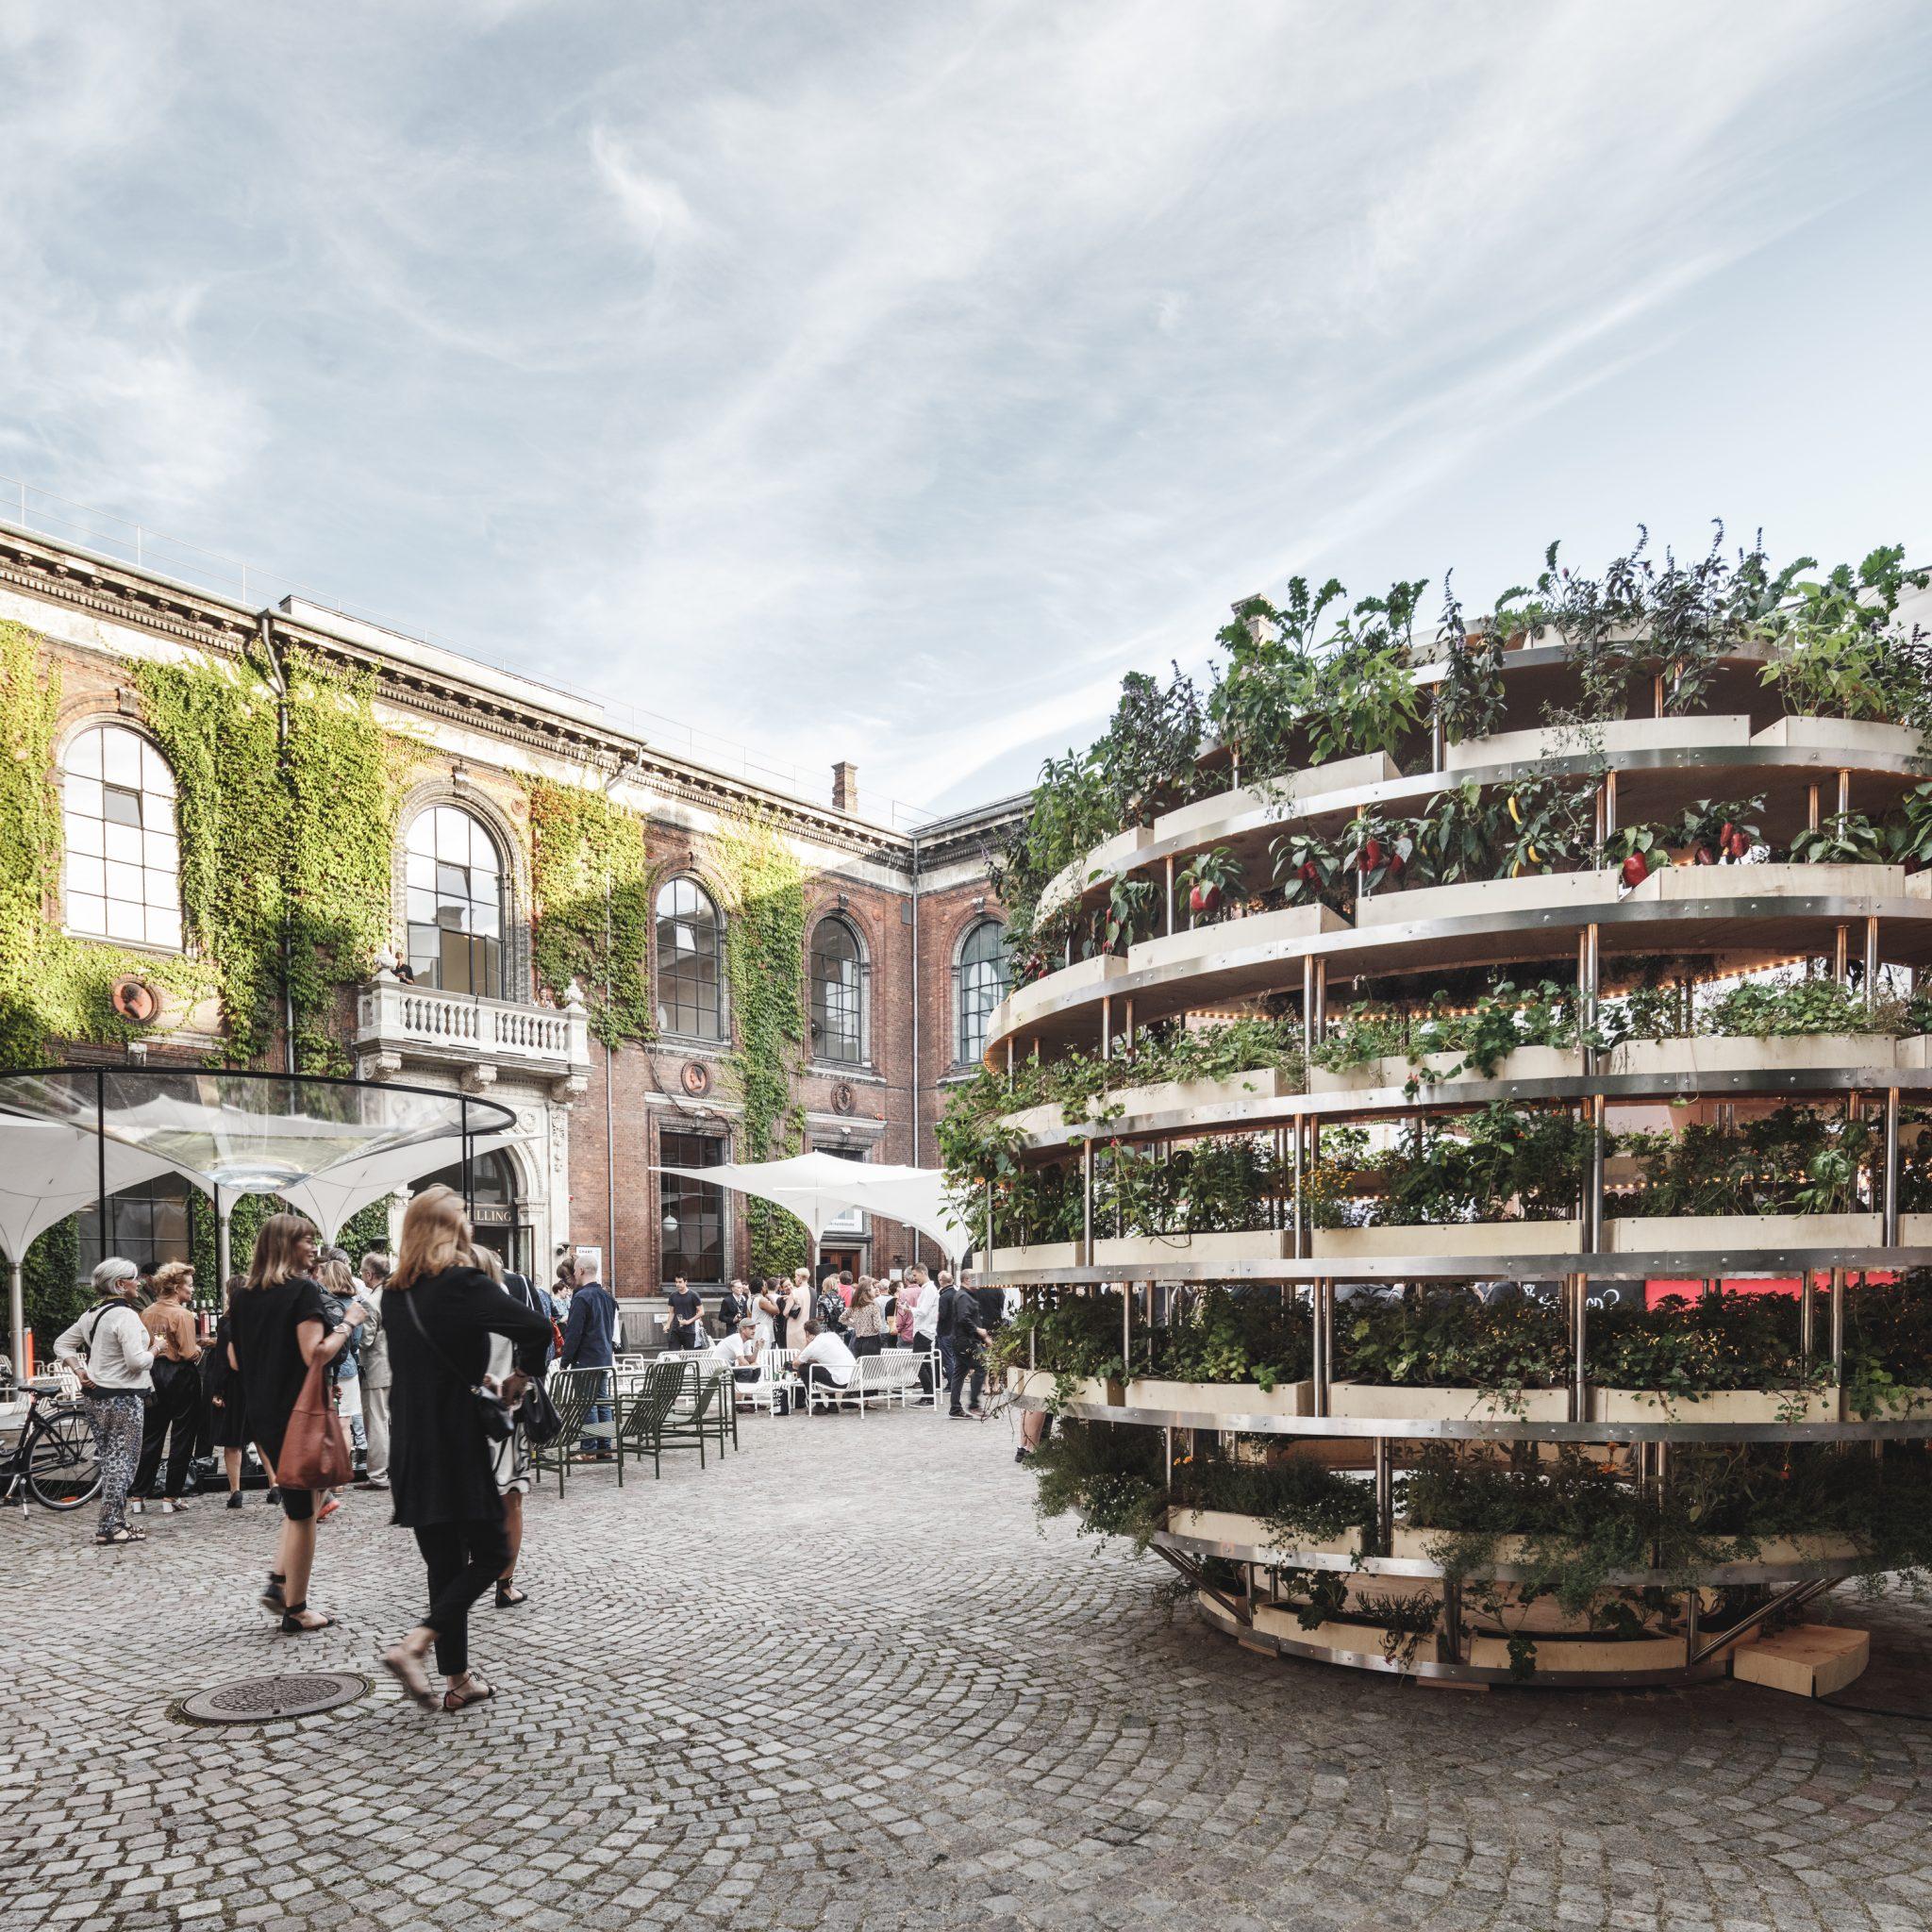 Ikea e space10 creano l 39 orto verticale urbano fai da te for The living room channel 10 competition